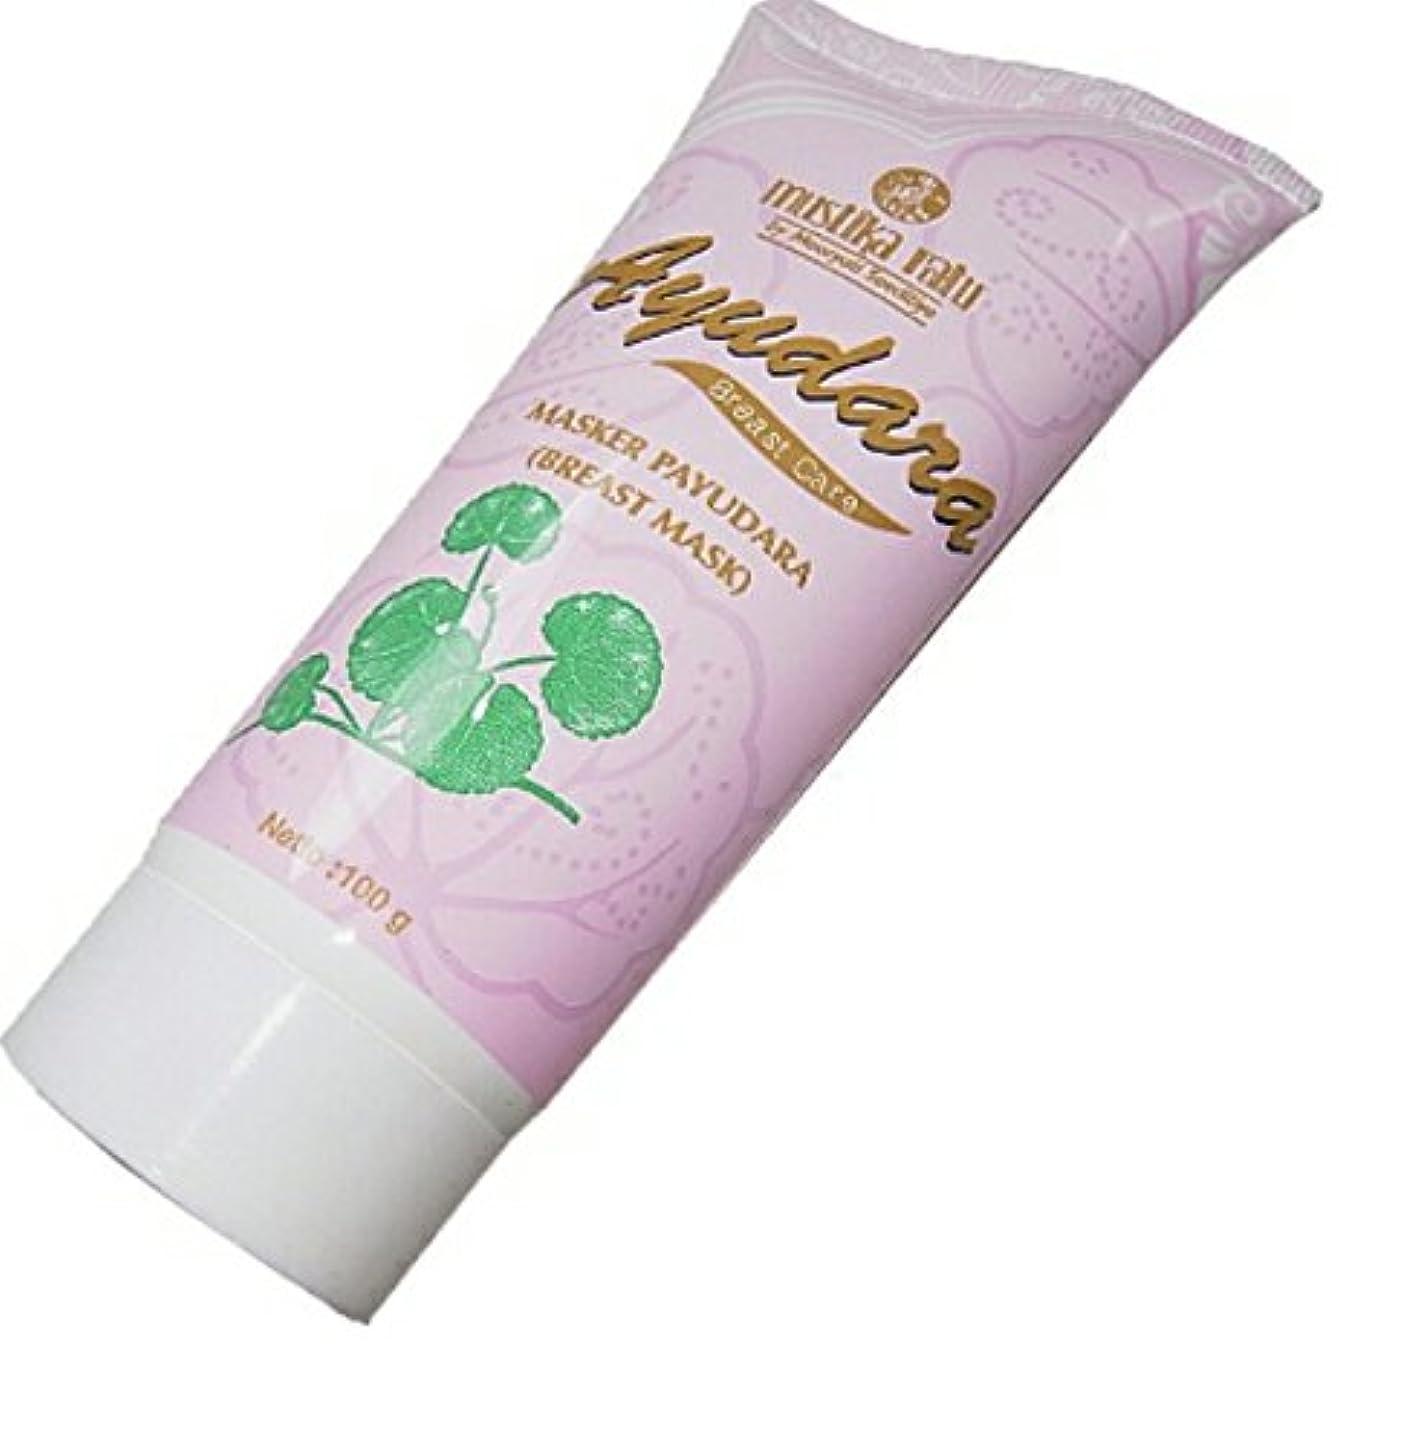 楽しい水星無許可Mustika ratu Ayu Dara ムスティカラトゥayudara乳房マスクオーガニック100grは美しい、より高密度の美乳になり